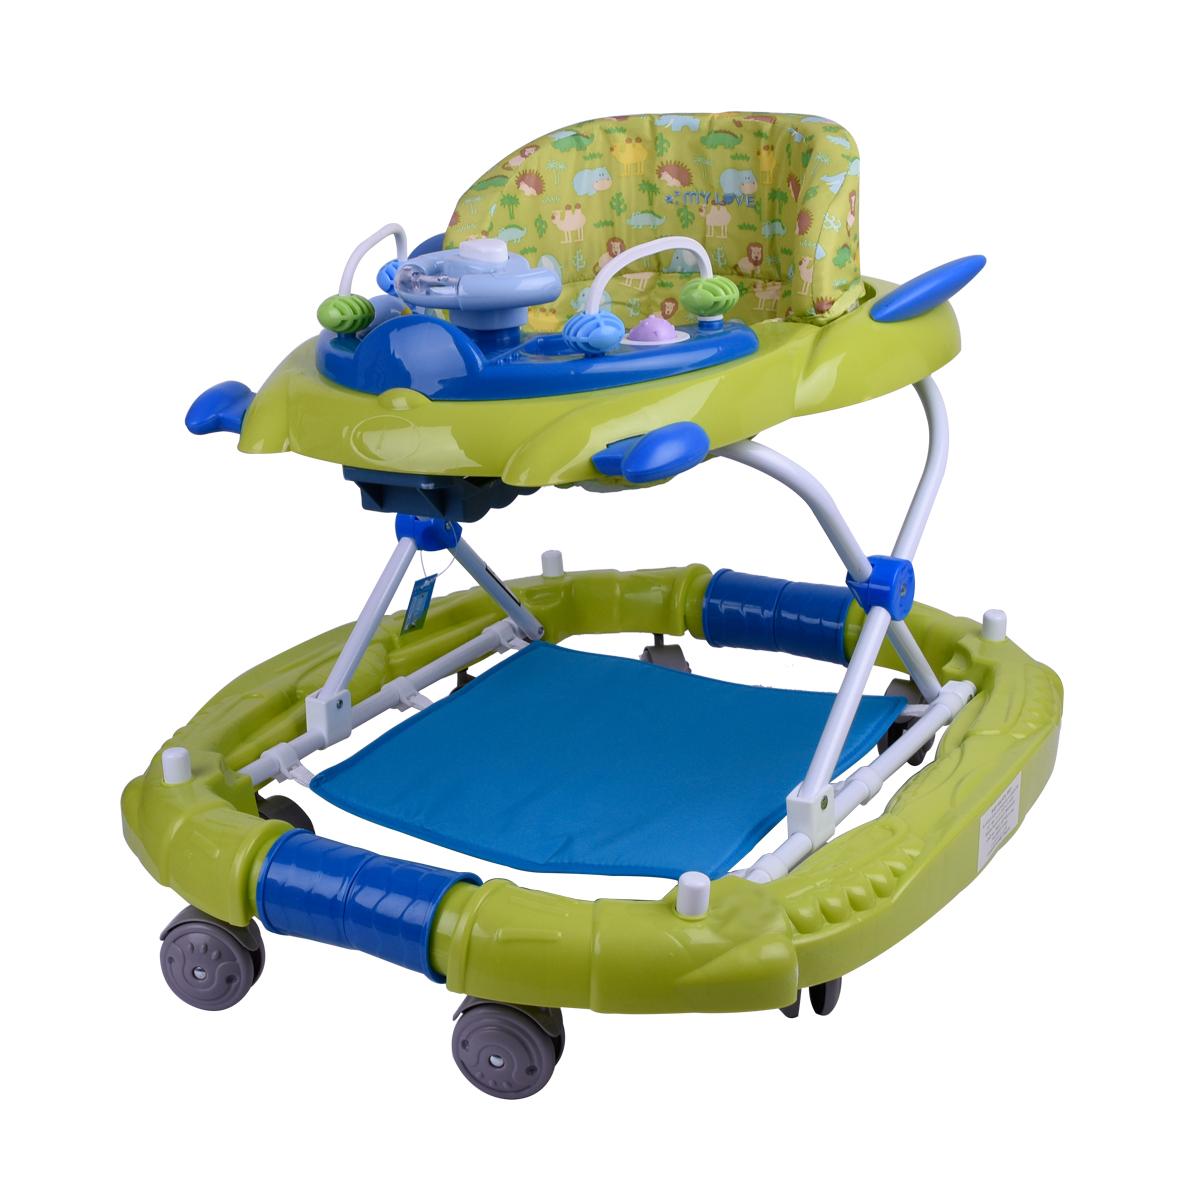 مشاية اطفال ماي لف بعجلات متحركة  - BW02